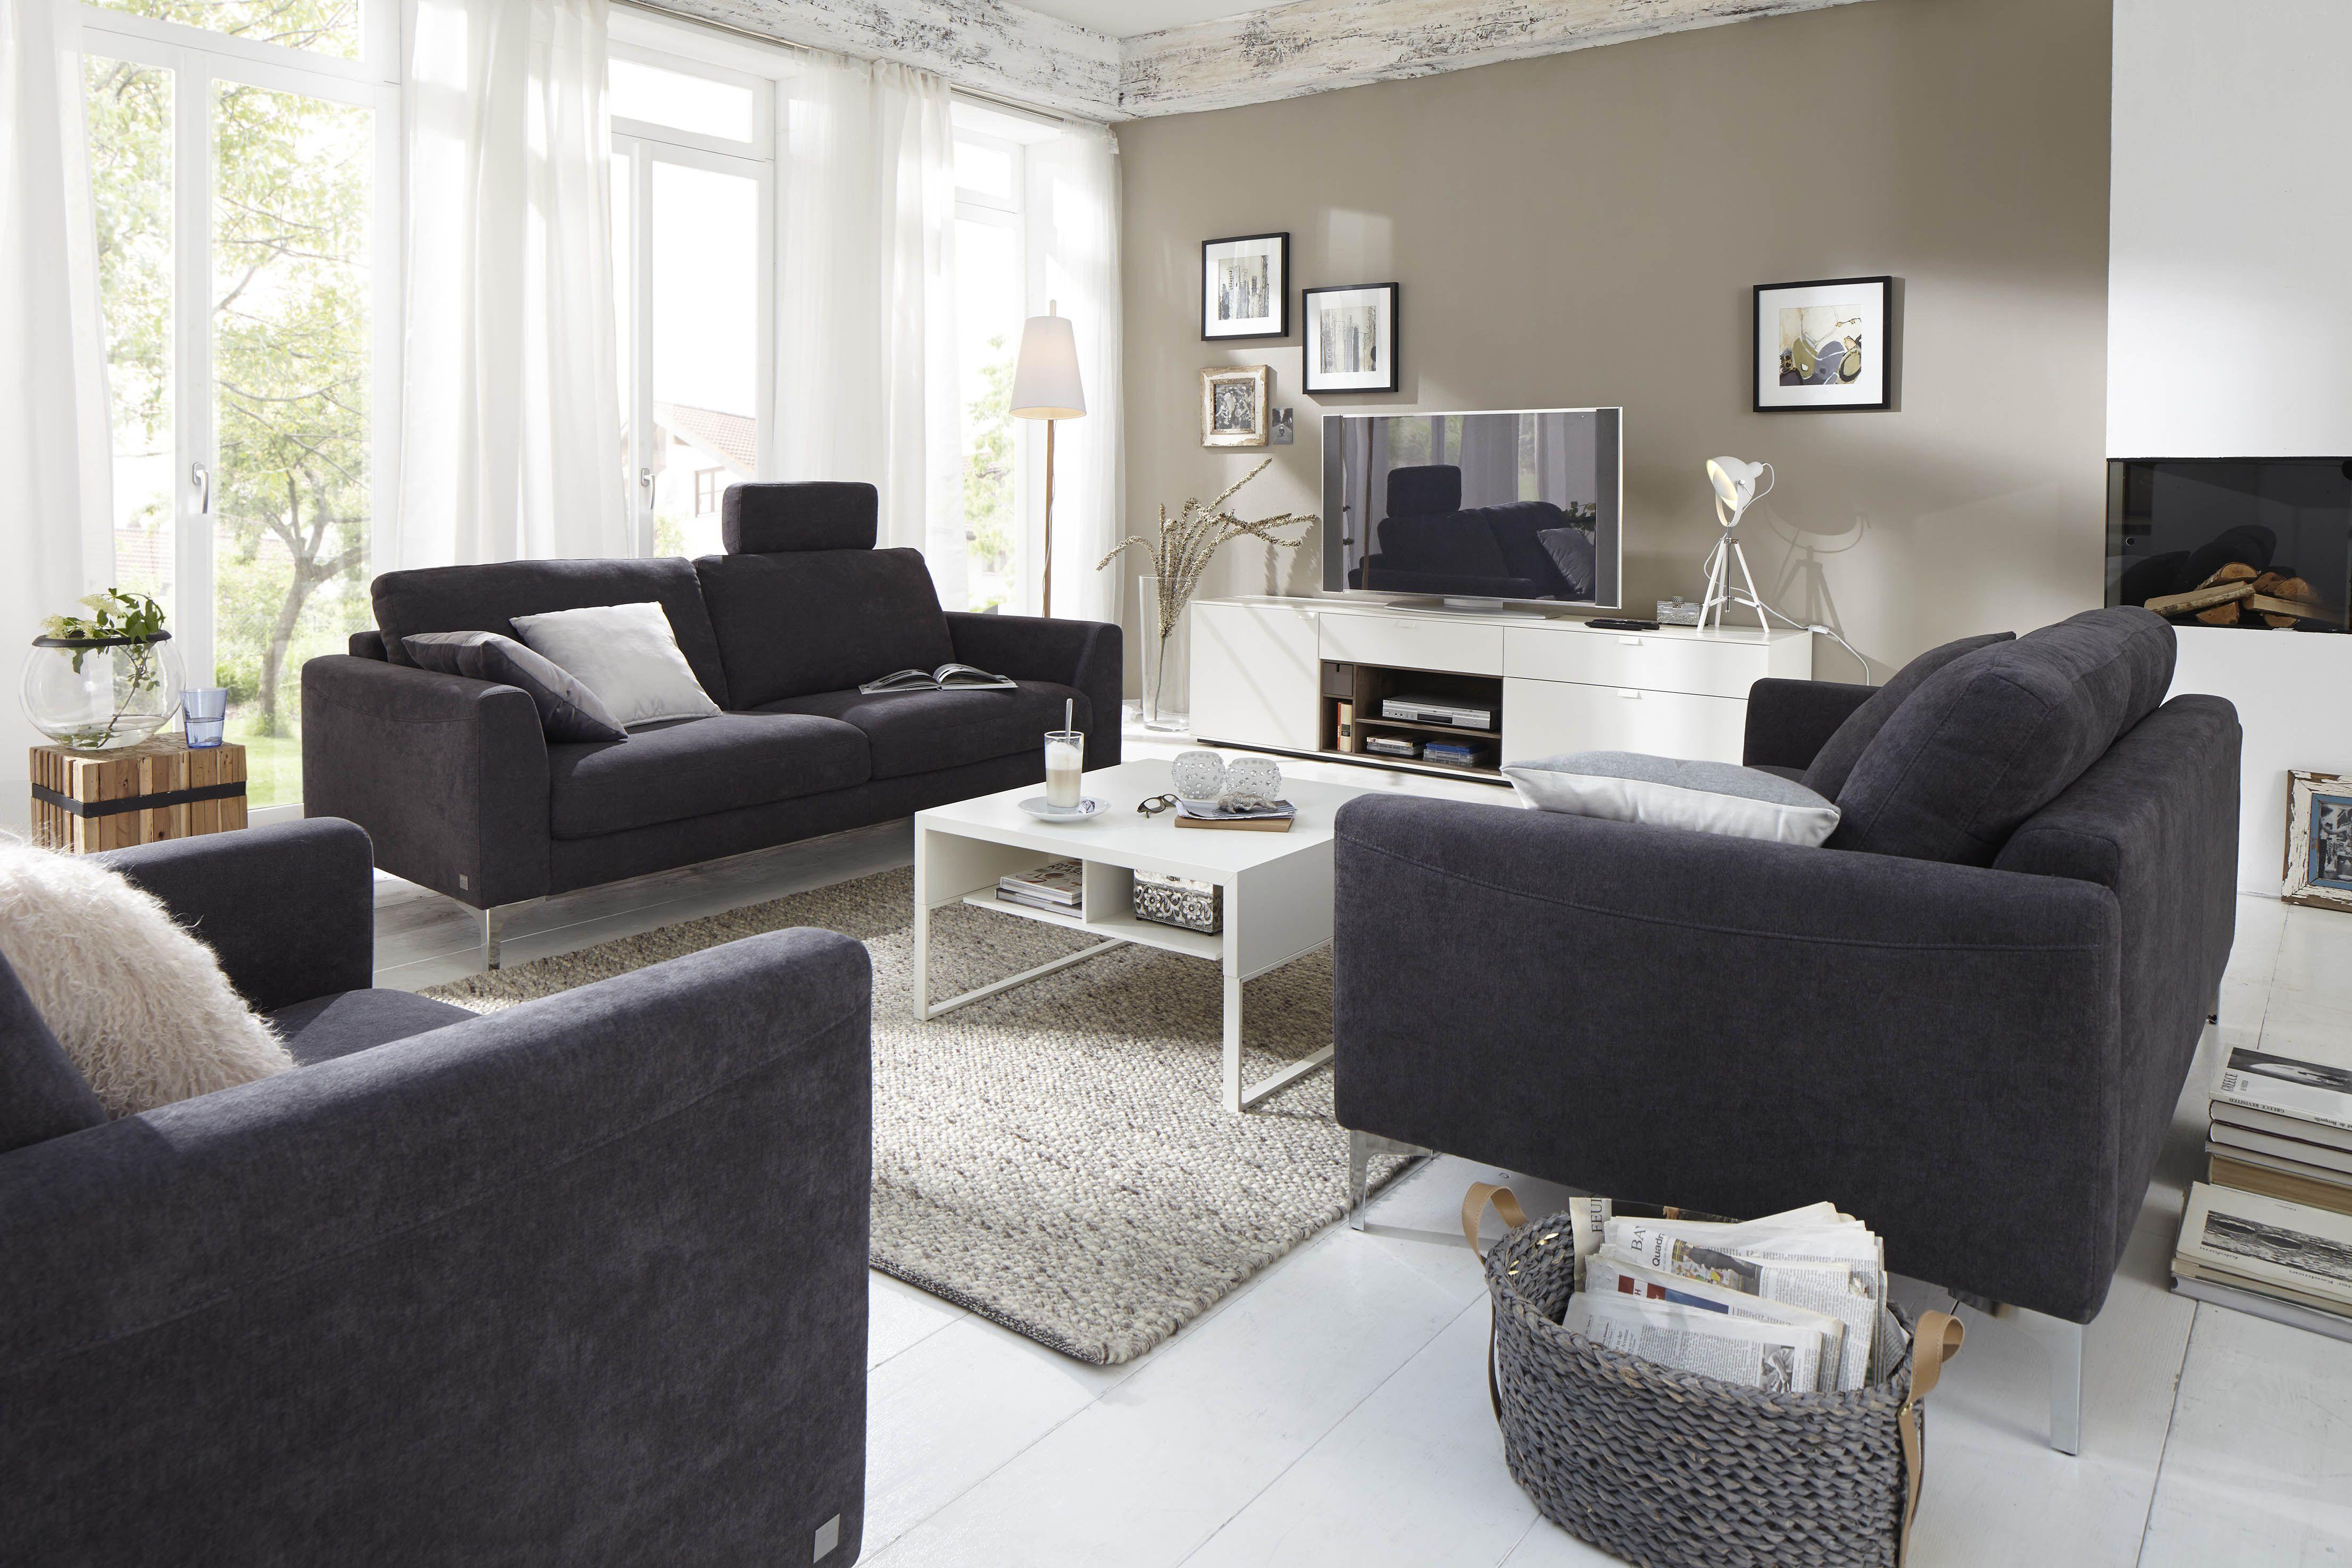 Wohnzimmer Garnituren ~ Garnitur global modell oviedo couchtisch global modell 4450